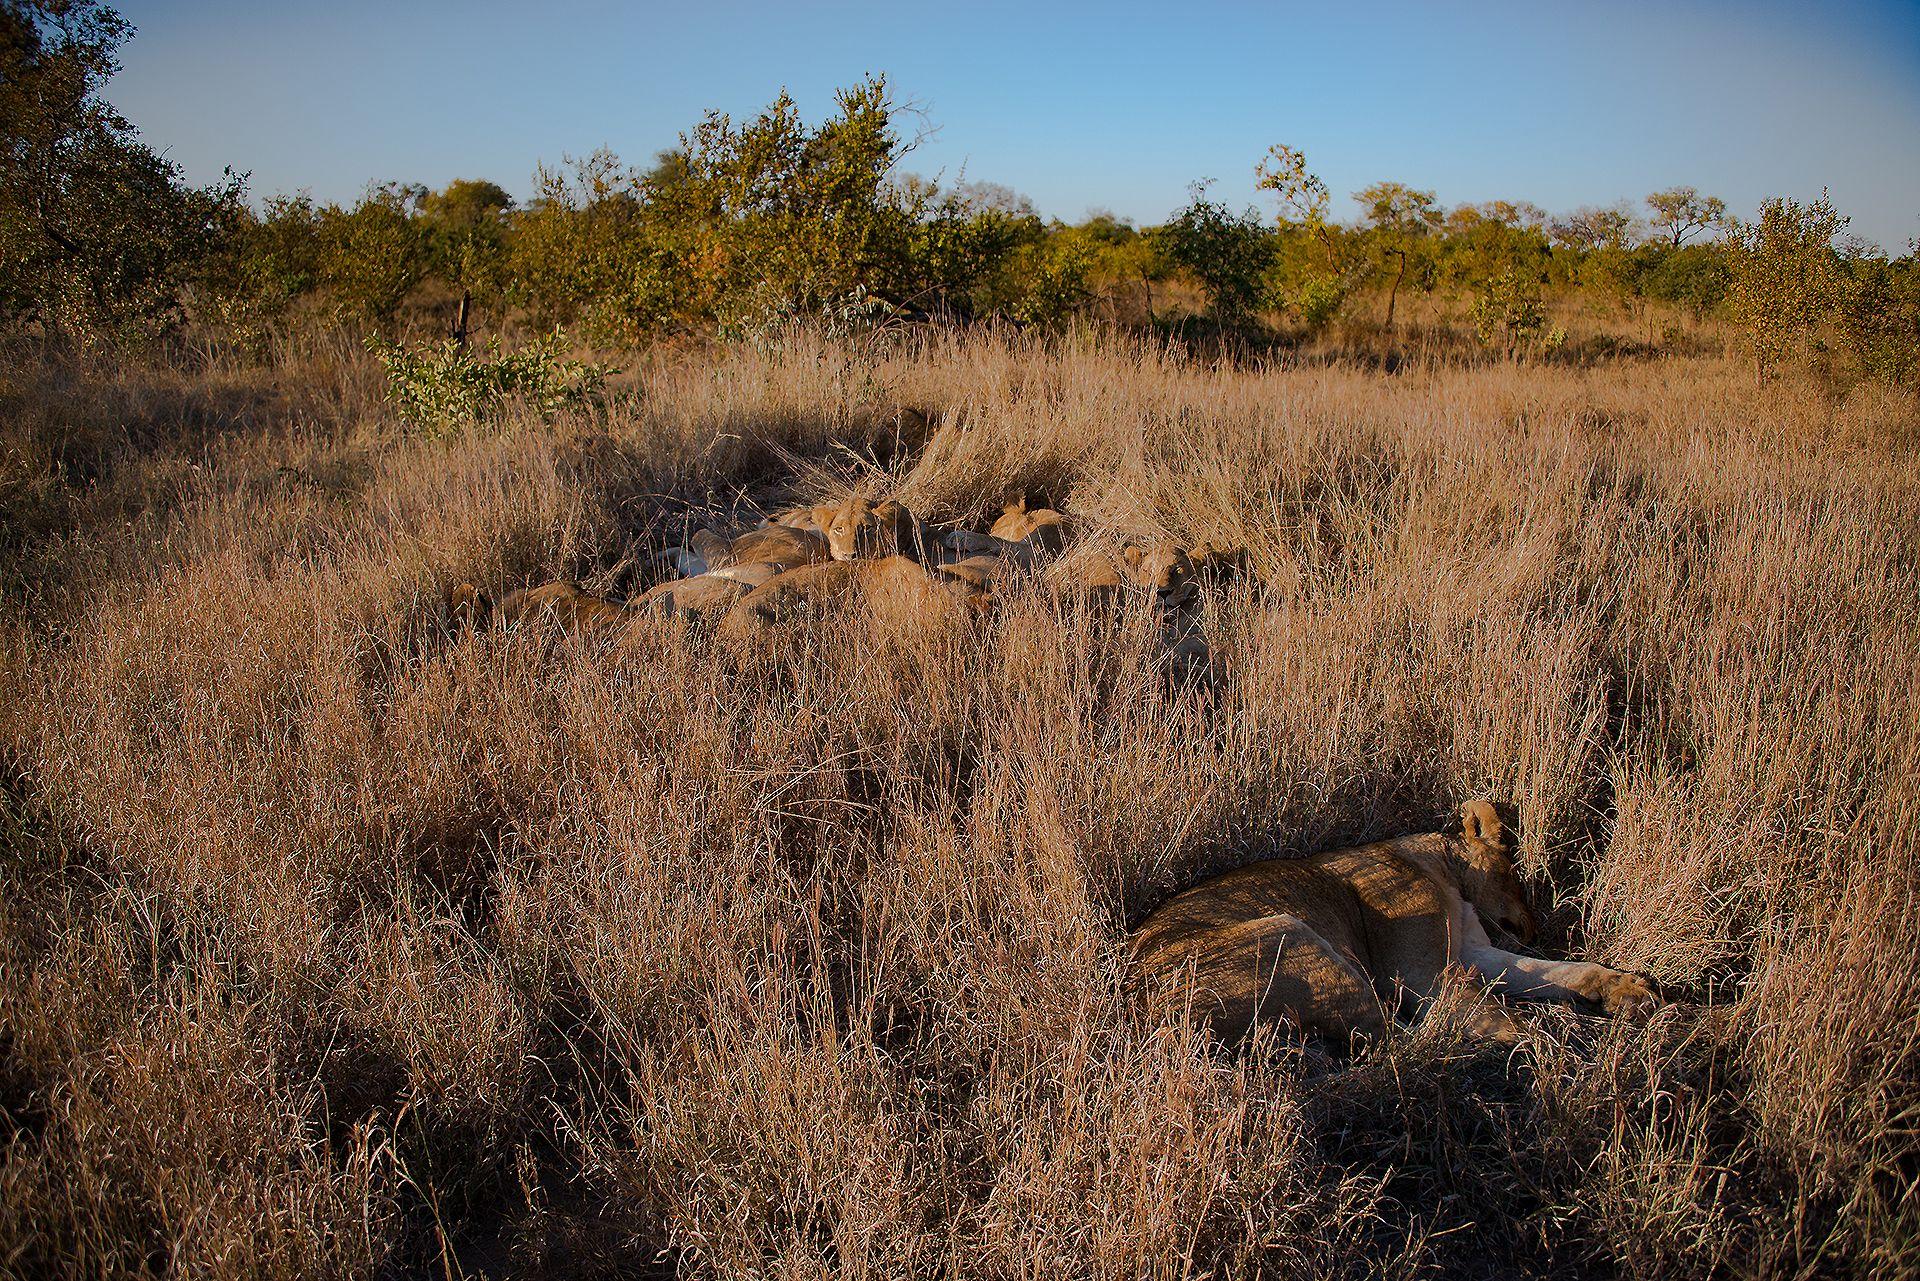 un branco di leoni nascosti nella savana di Manyeleti, la riserva privata più selvaggia del kruger